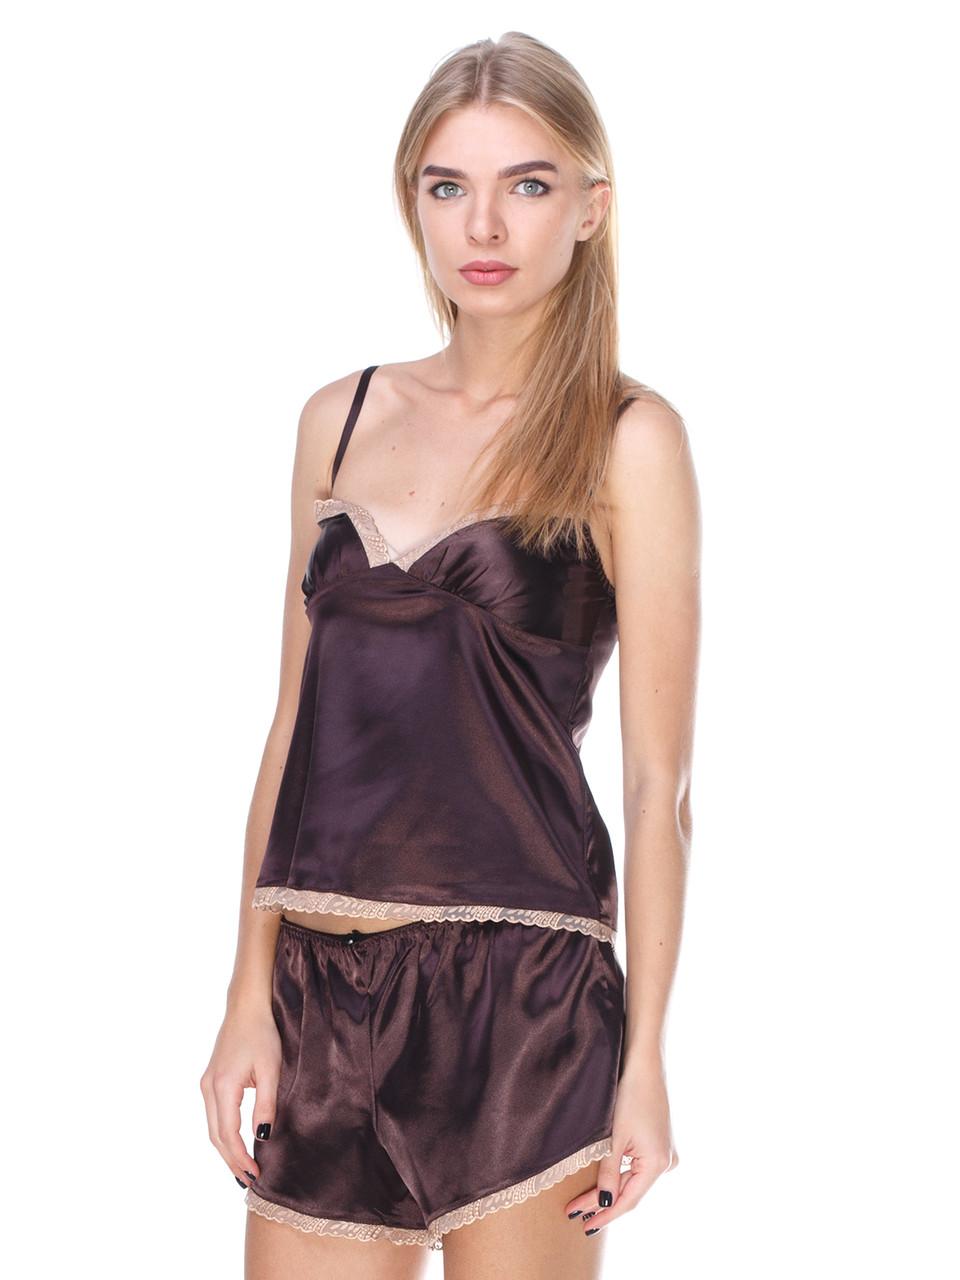 Комплект майка шорты стрейч атлас Serenade коричневый с кружевом